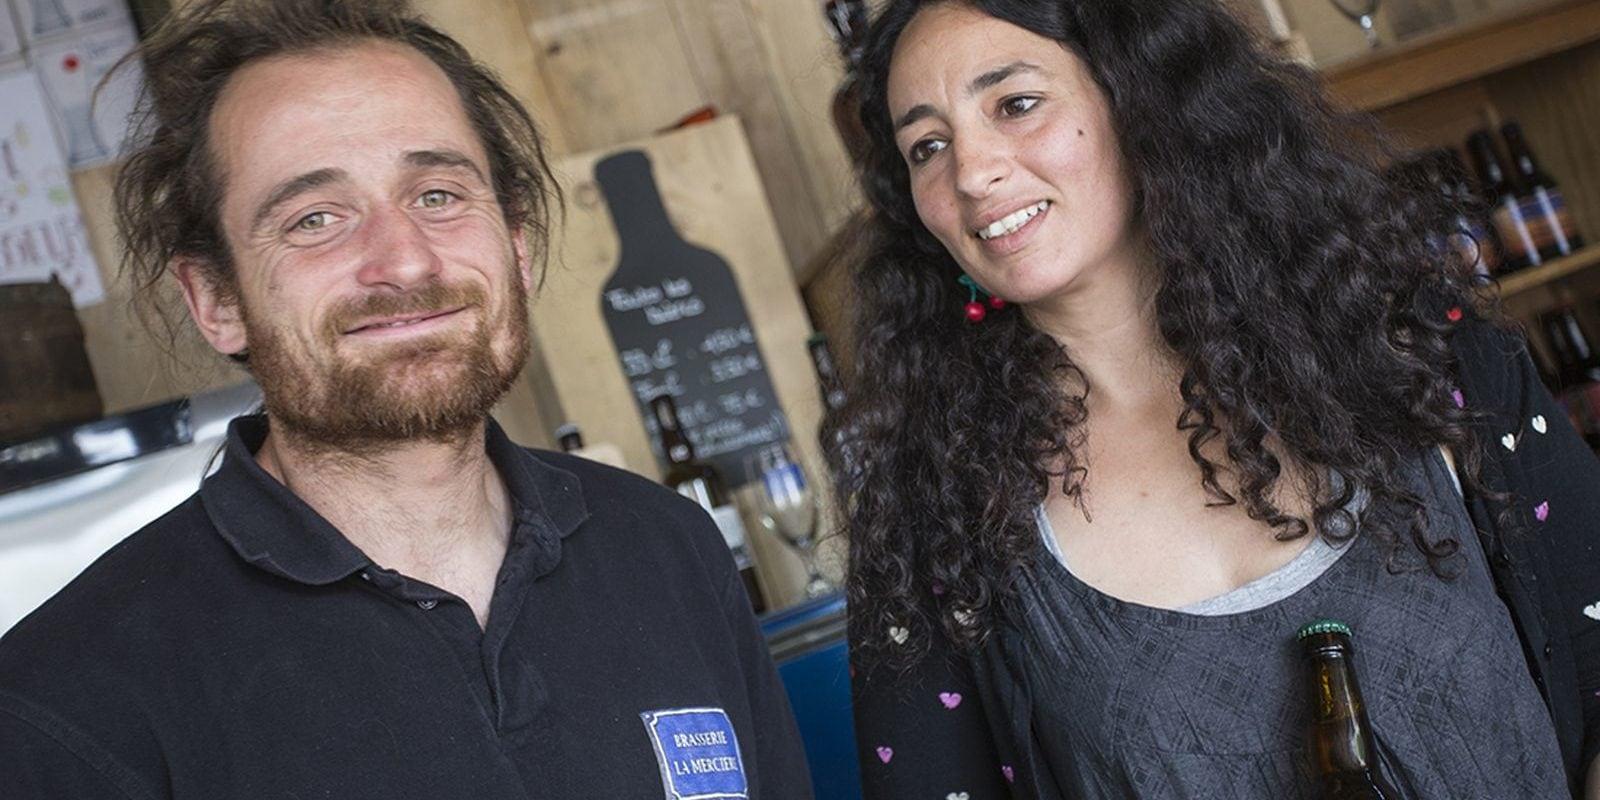 À Niederhausbergen, une brasserie artisanale poursuivie par son maire, Jean-Luc Herzog